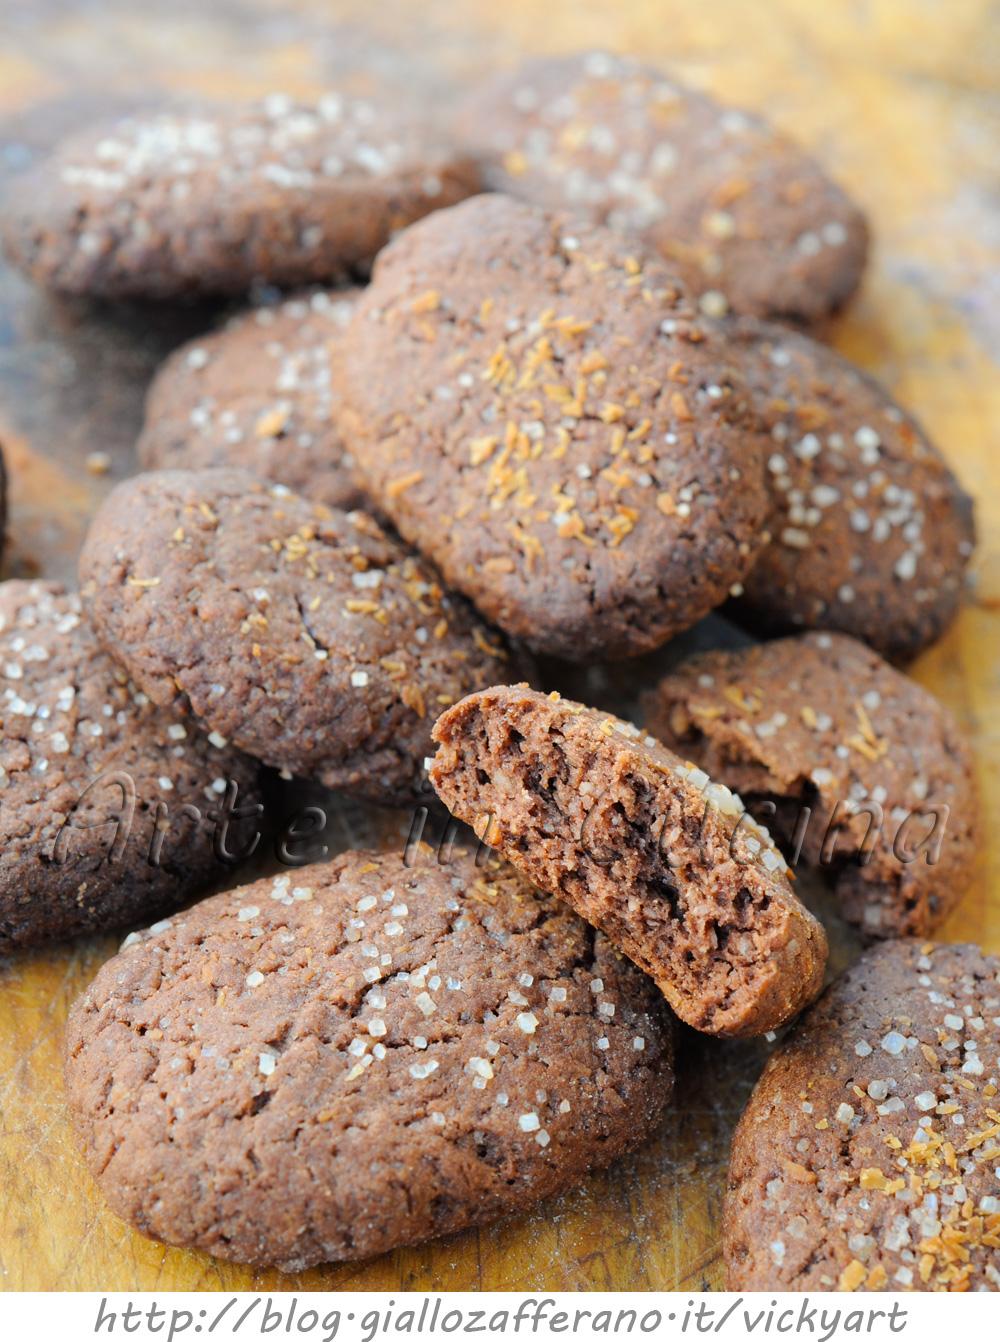 Biscotti al cacao e cocco con zucchero di canna ricetta facile vickart arte in cucina